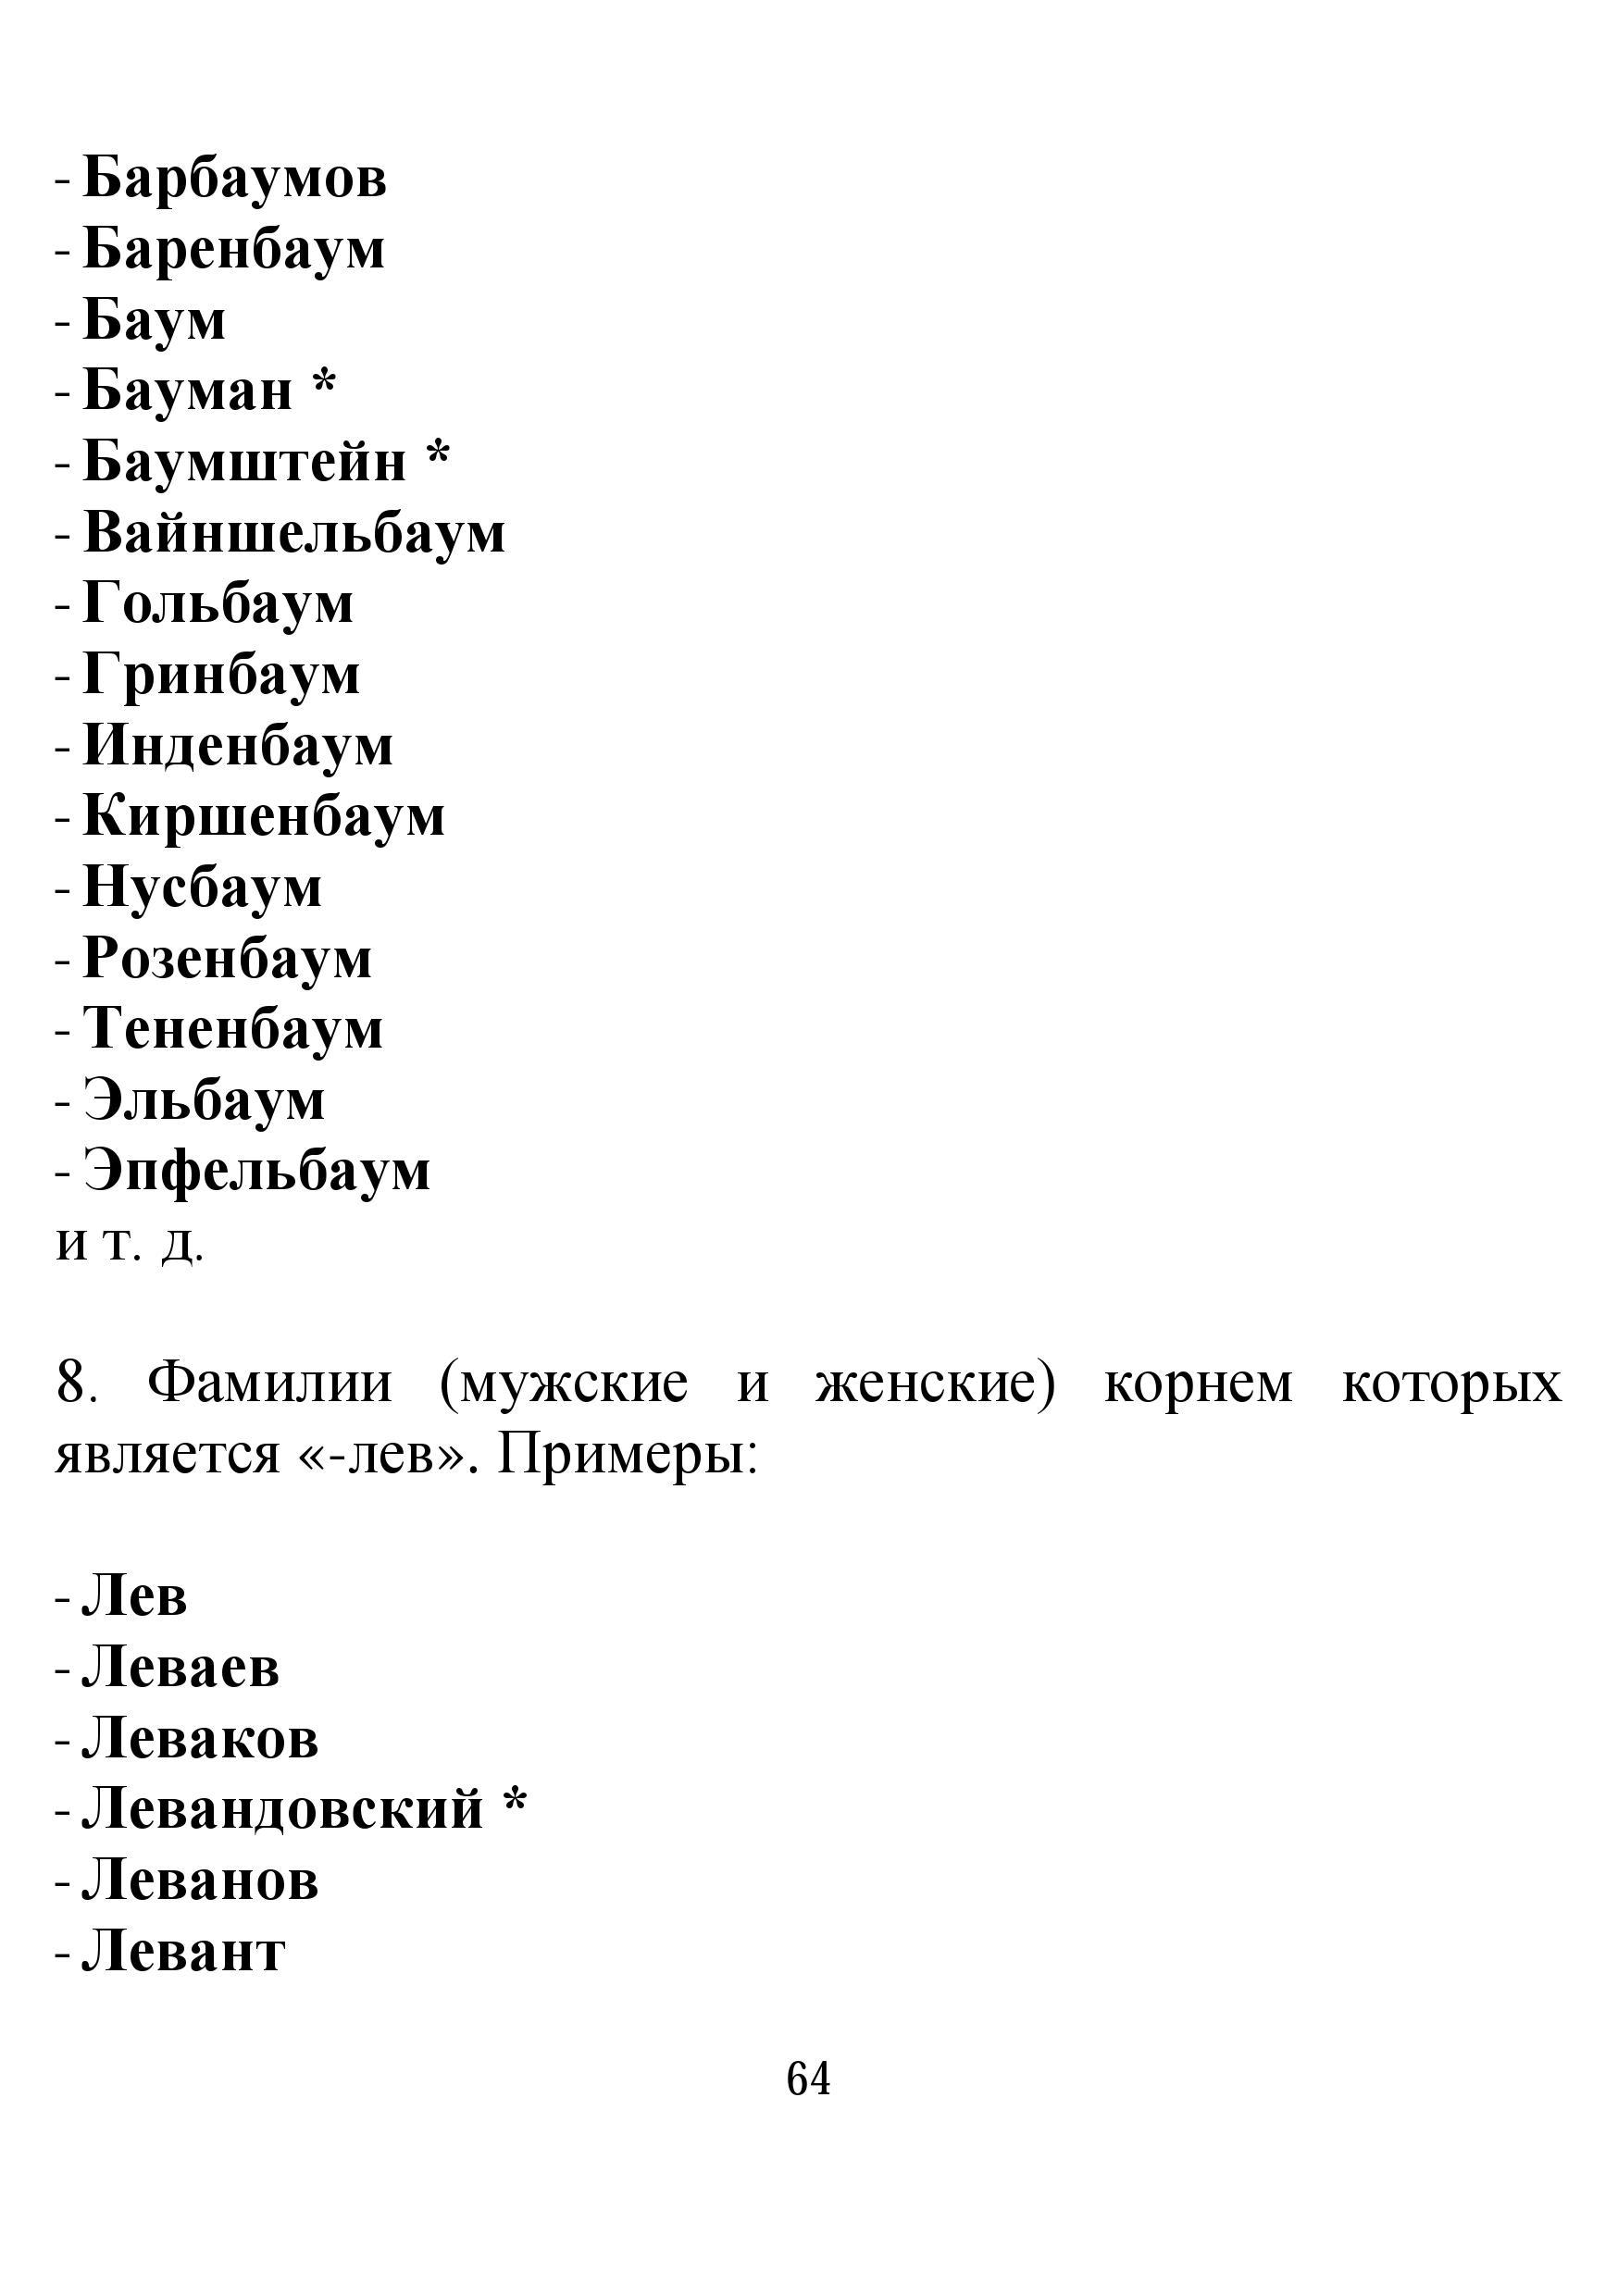 http://s6.uploads.ru/wK4LA.jpg